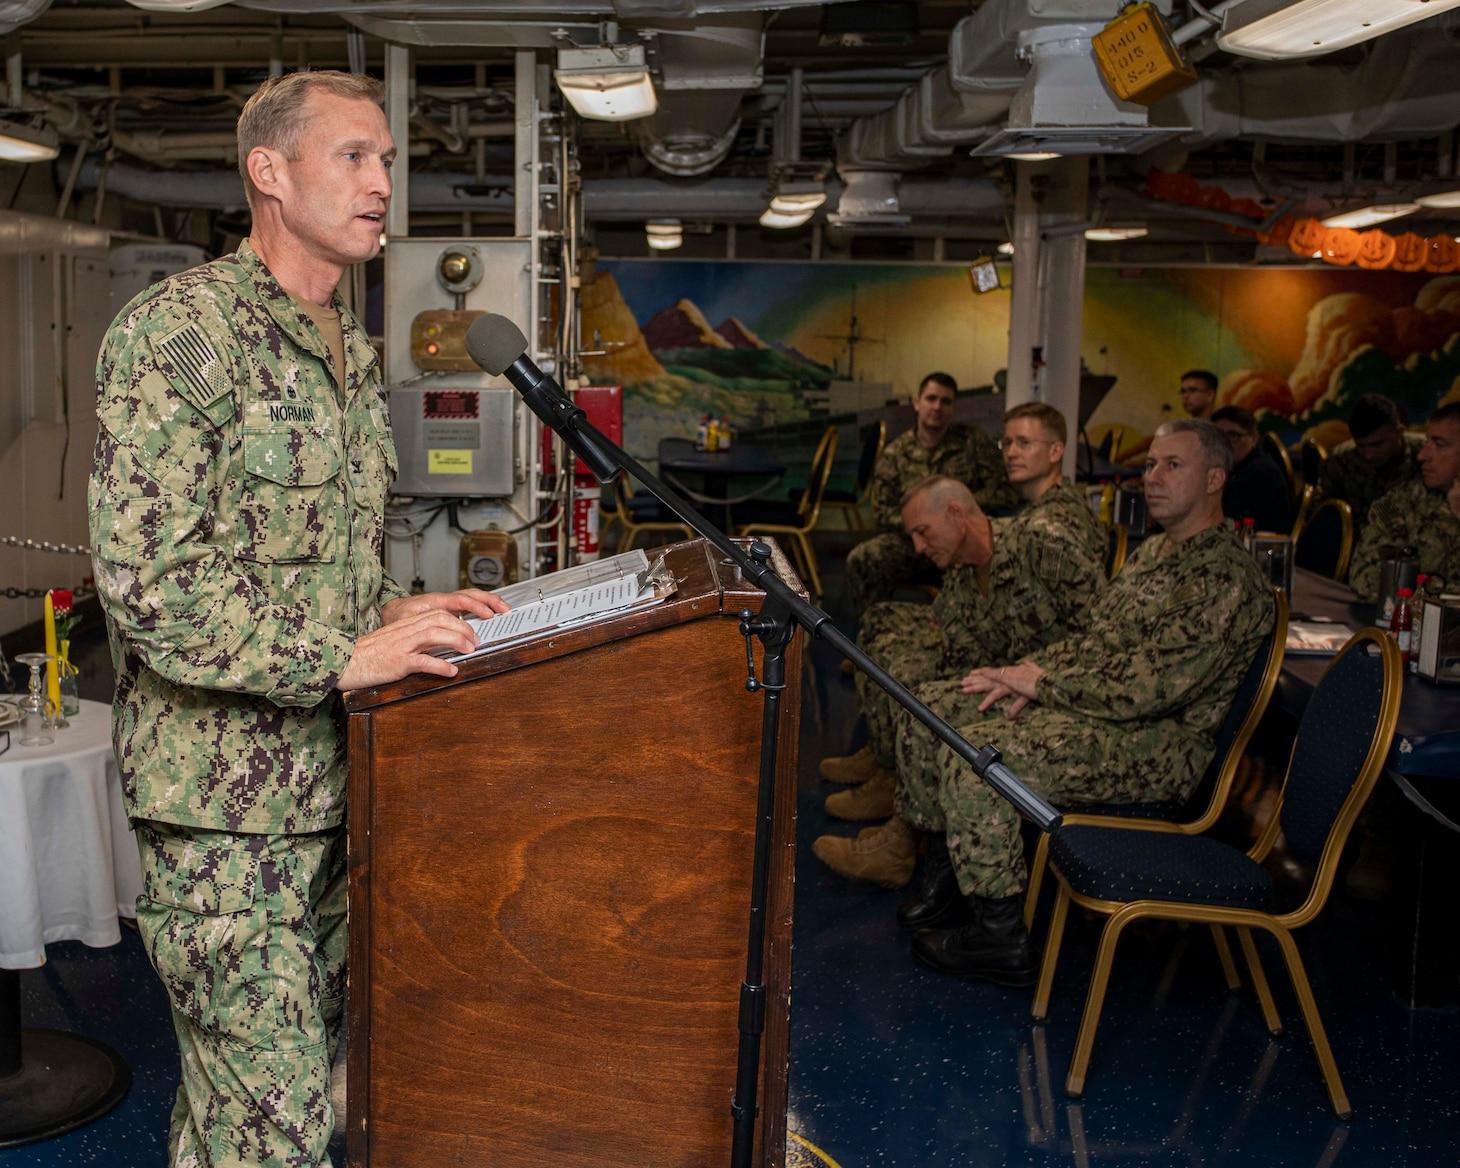 244th Navy Birthday; USS Mount Whitney (LCC 20)